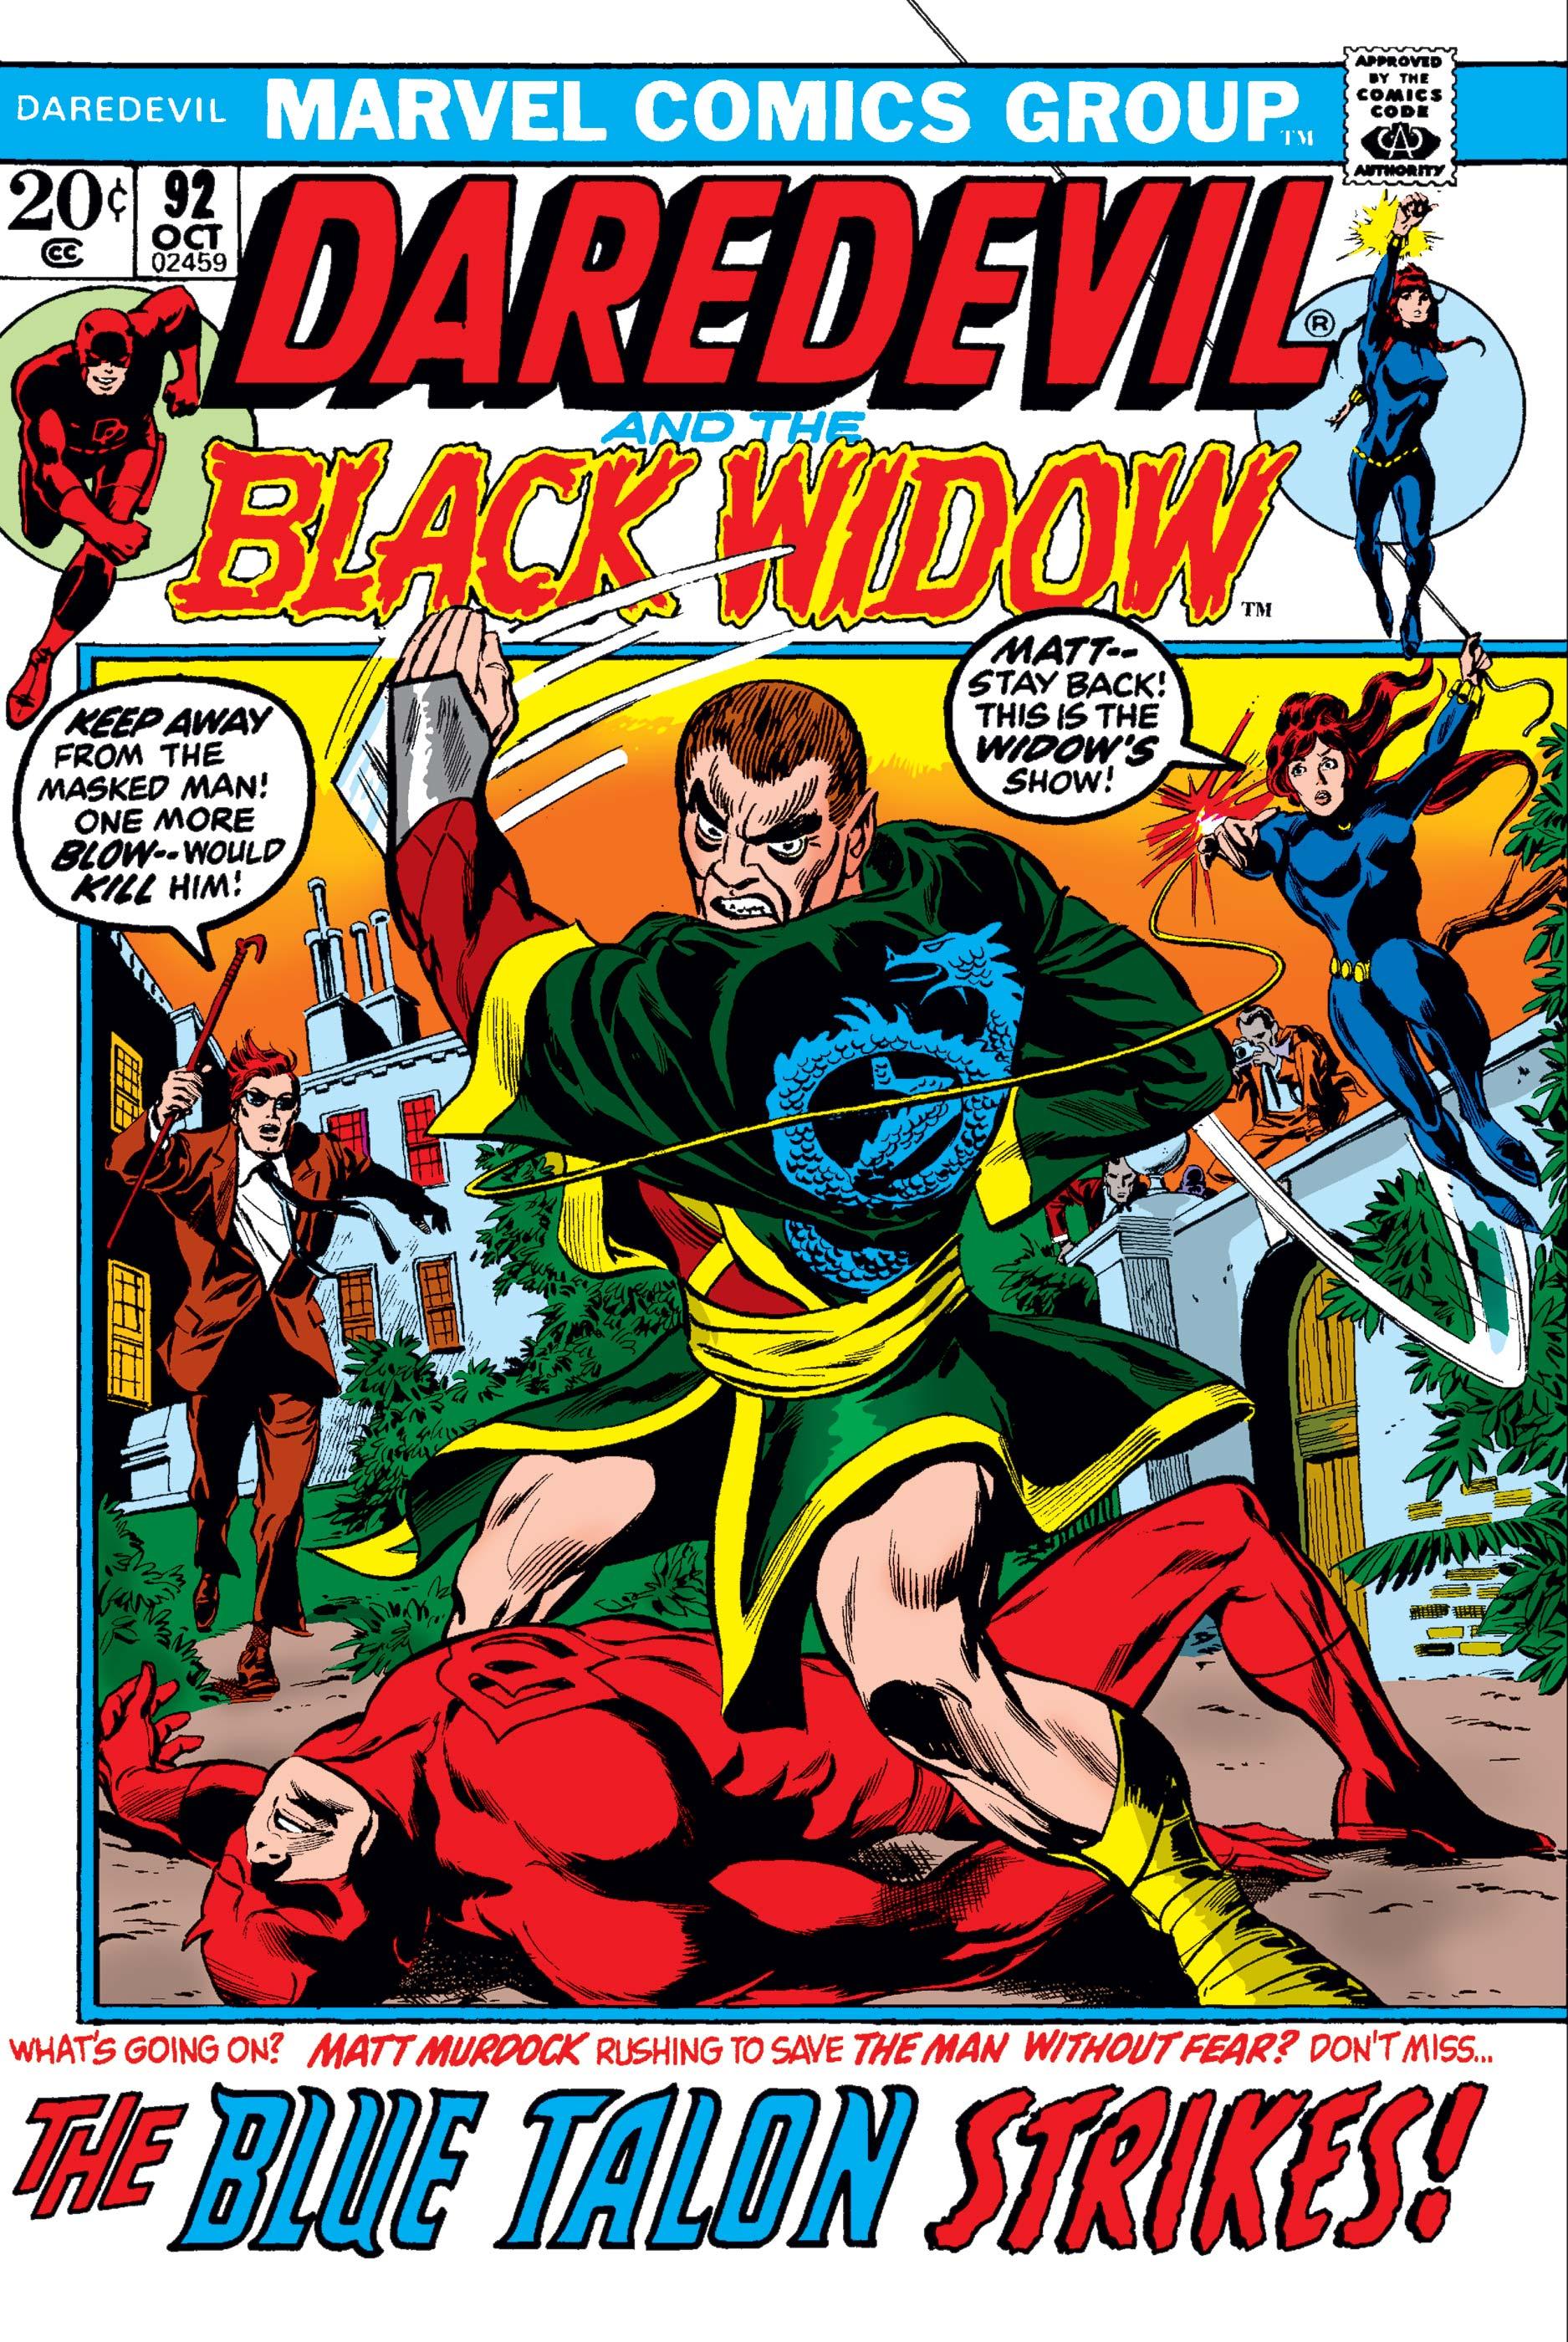 Daredevil (1964) #92